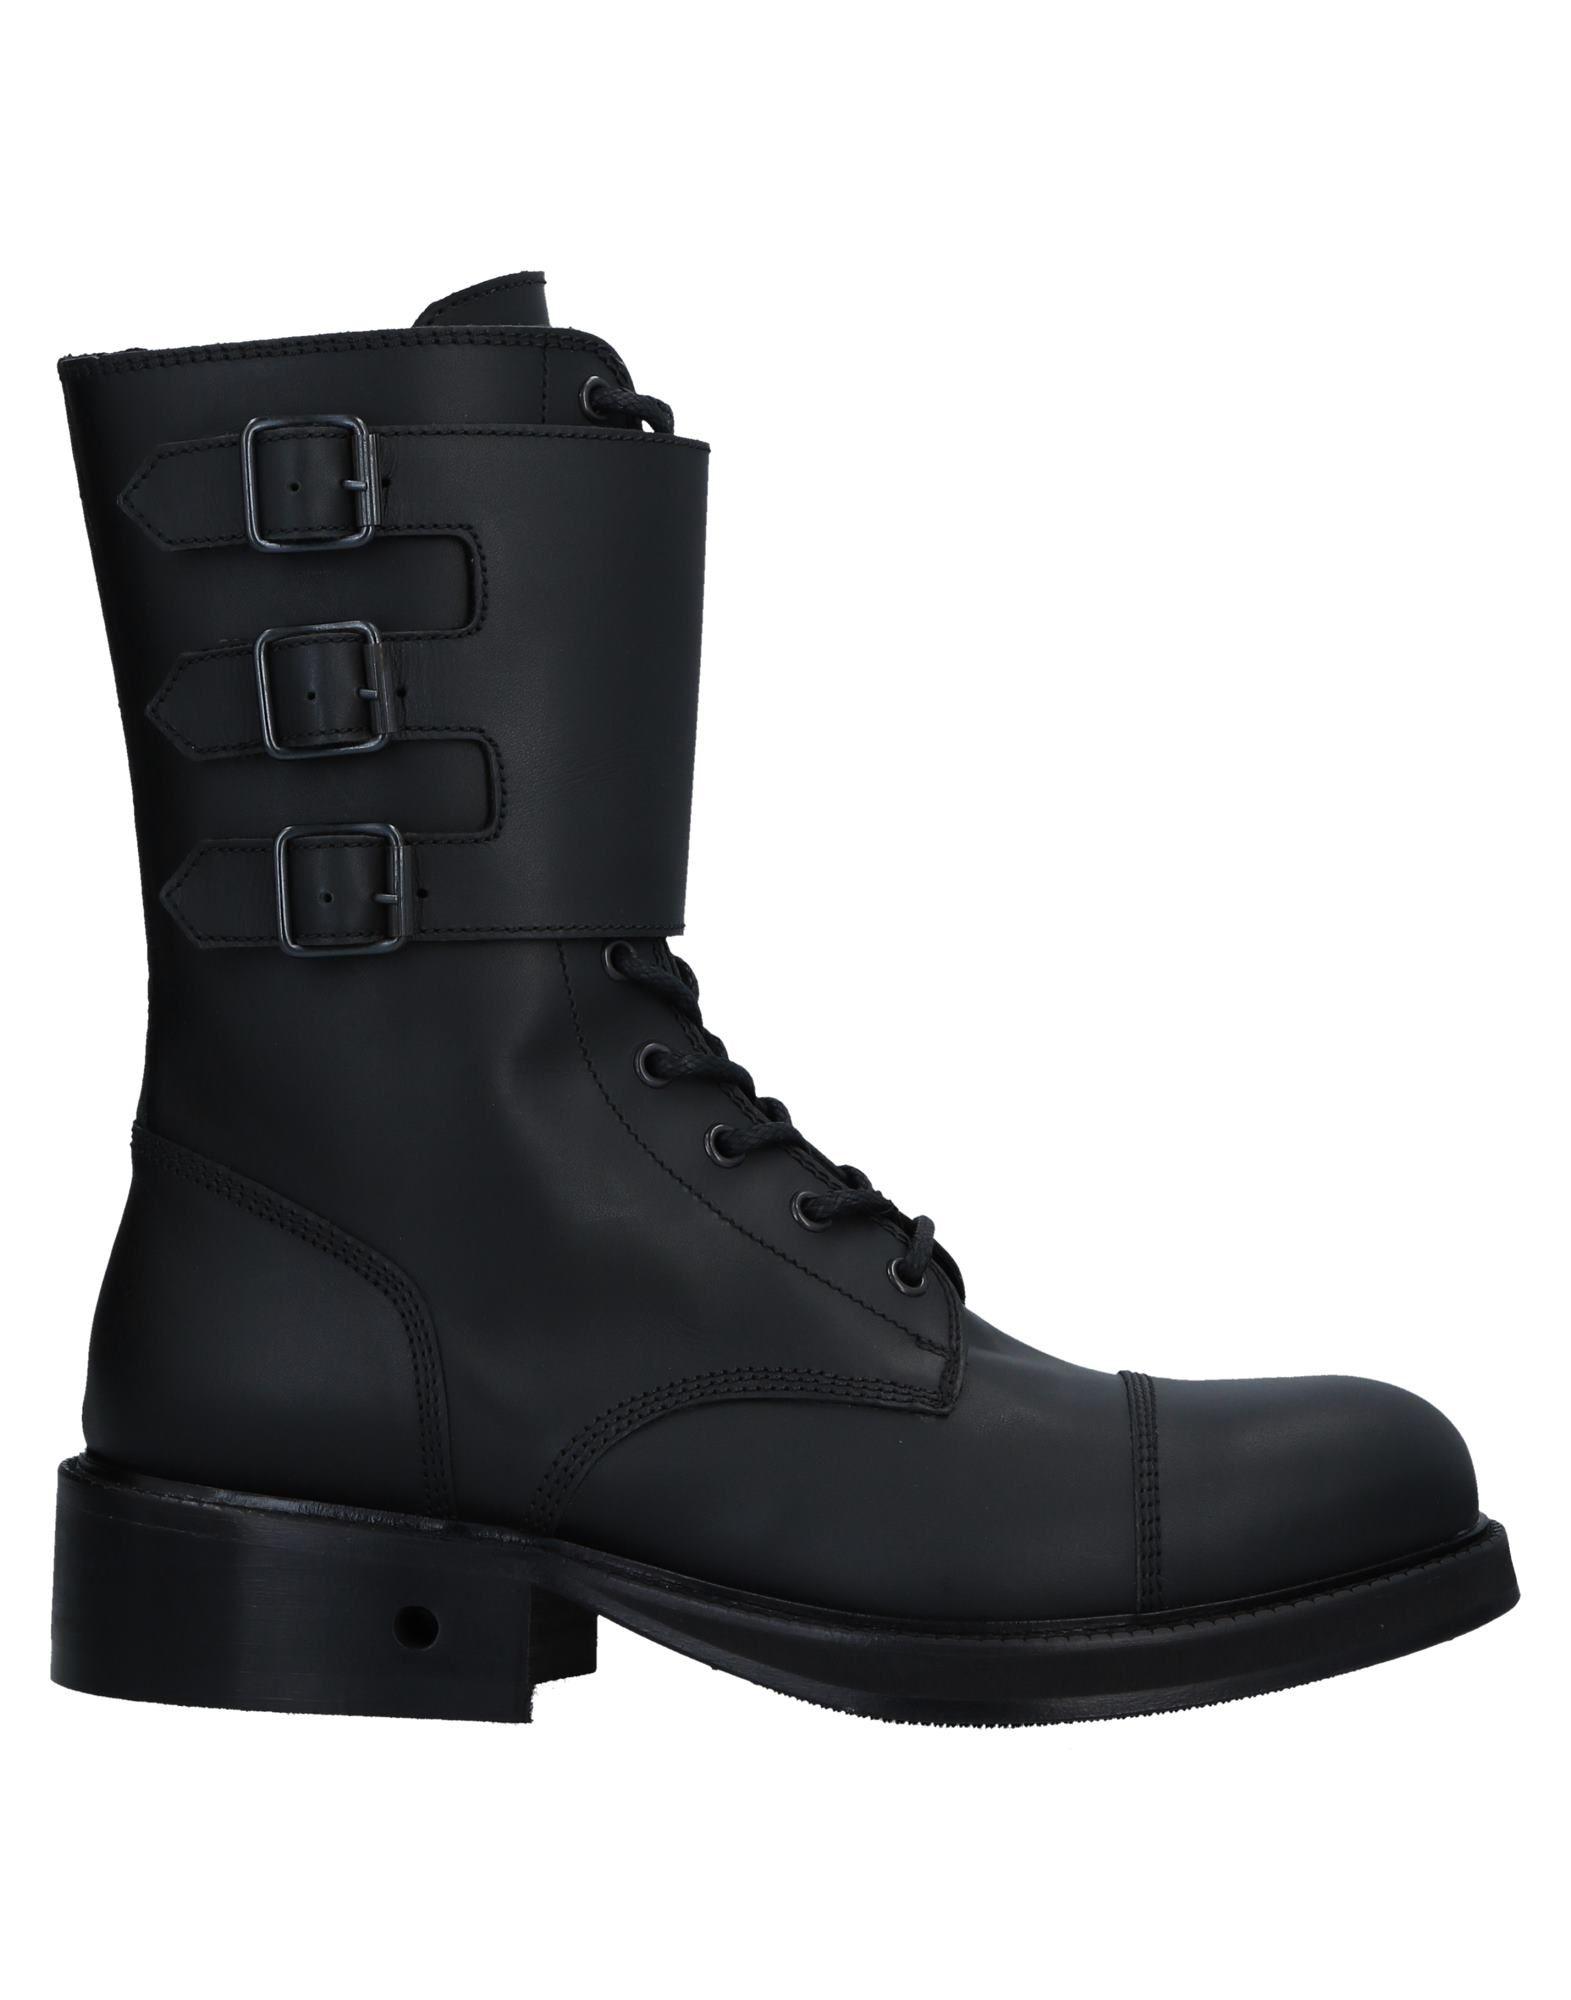 Dirk Bikkembergs Stiefelette Herren  11518039LK Gute Qualität beliebte Schuhe